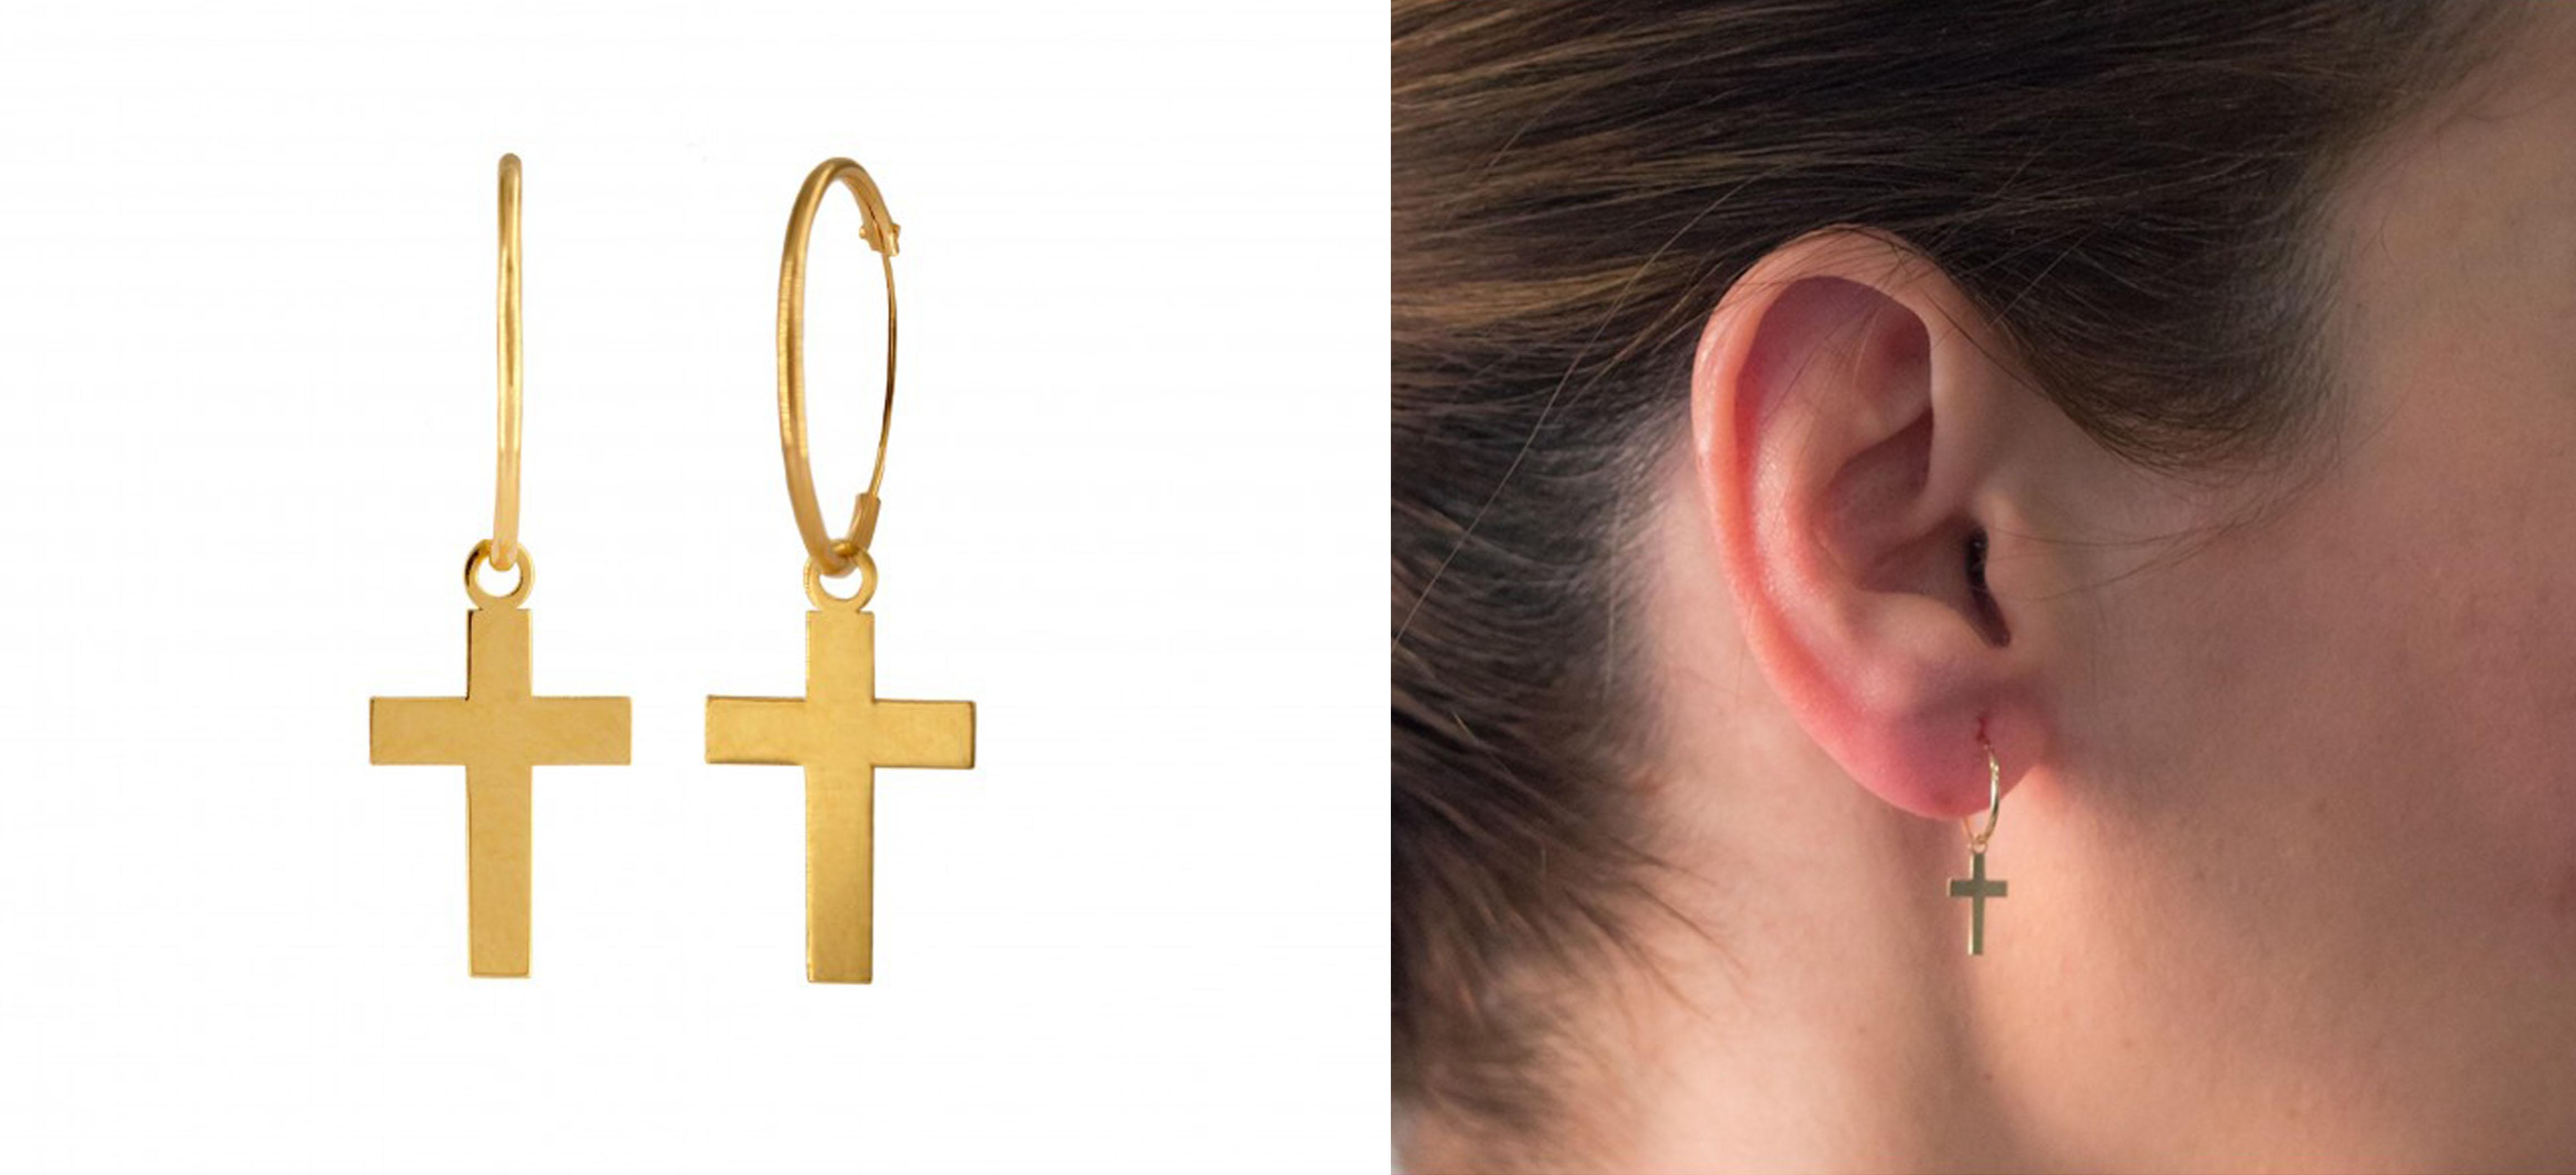 Aros con cruz en oro de varios tamaños: pequeño, mediano y grande.